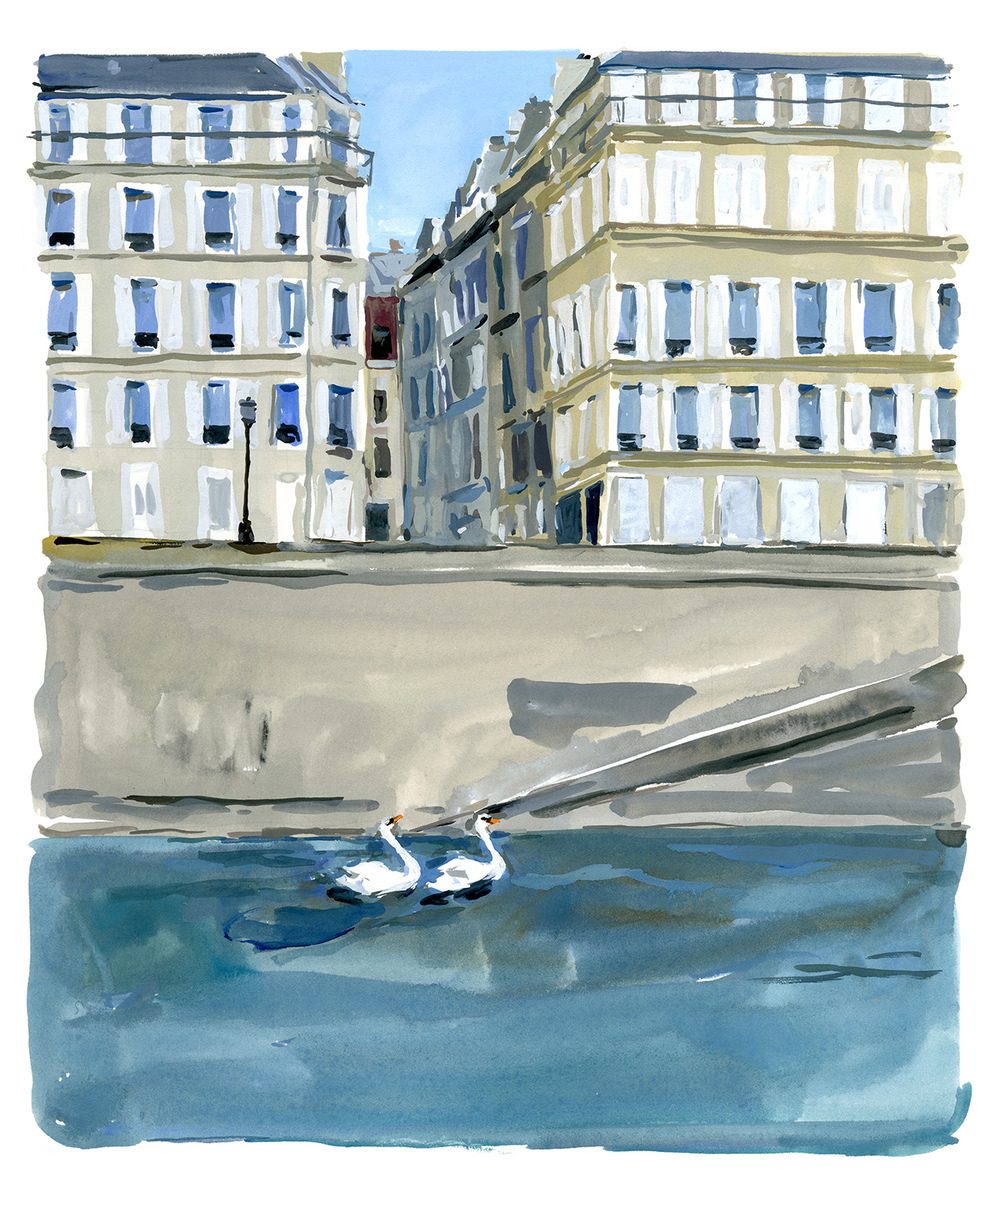 île Saint-Louis swann couple Pariser Tagerbuch Zeit Magazin